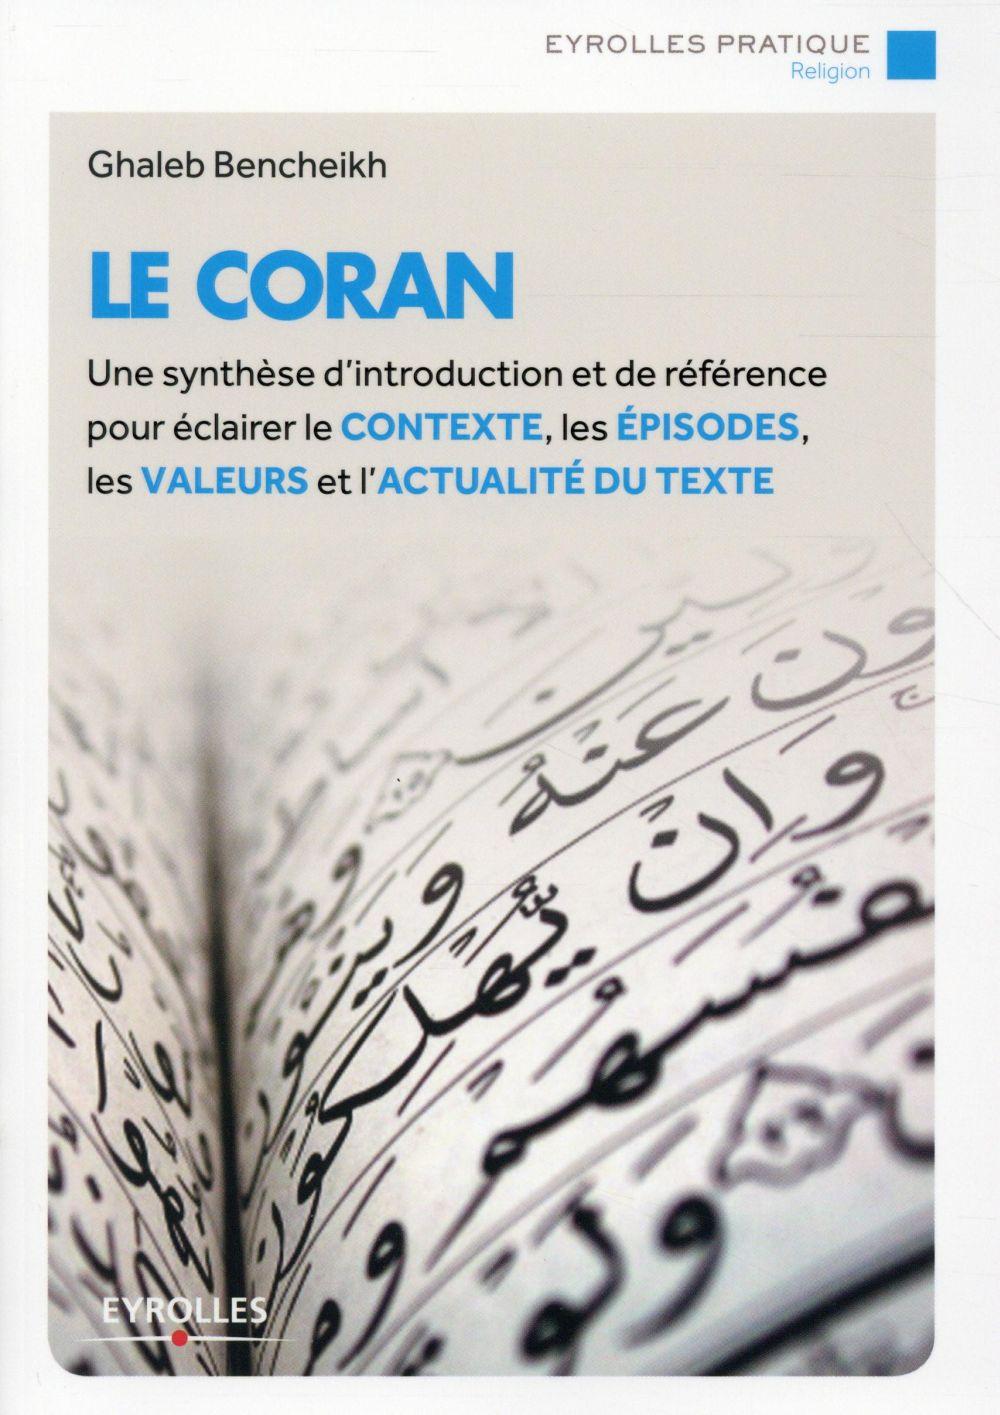 Le Coran ; une synthèse d'introduction et de référence pour éclairer le contexte, les épisodes, les valeurs et l'actualité du texte